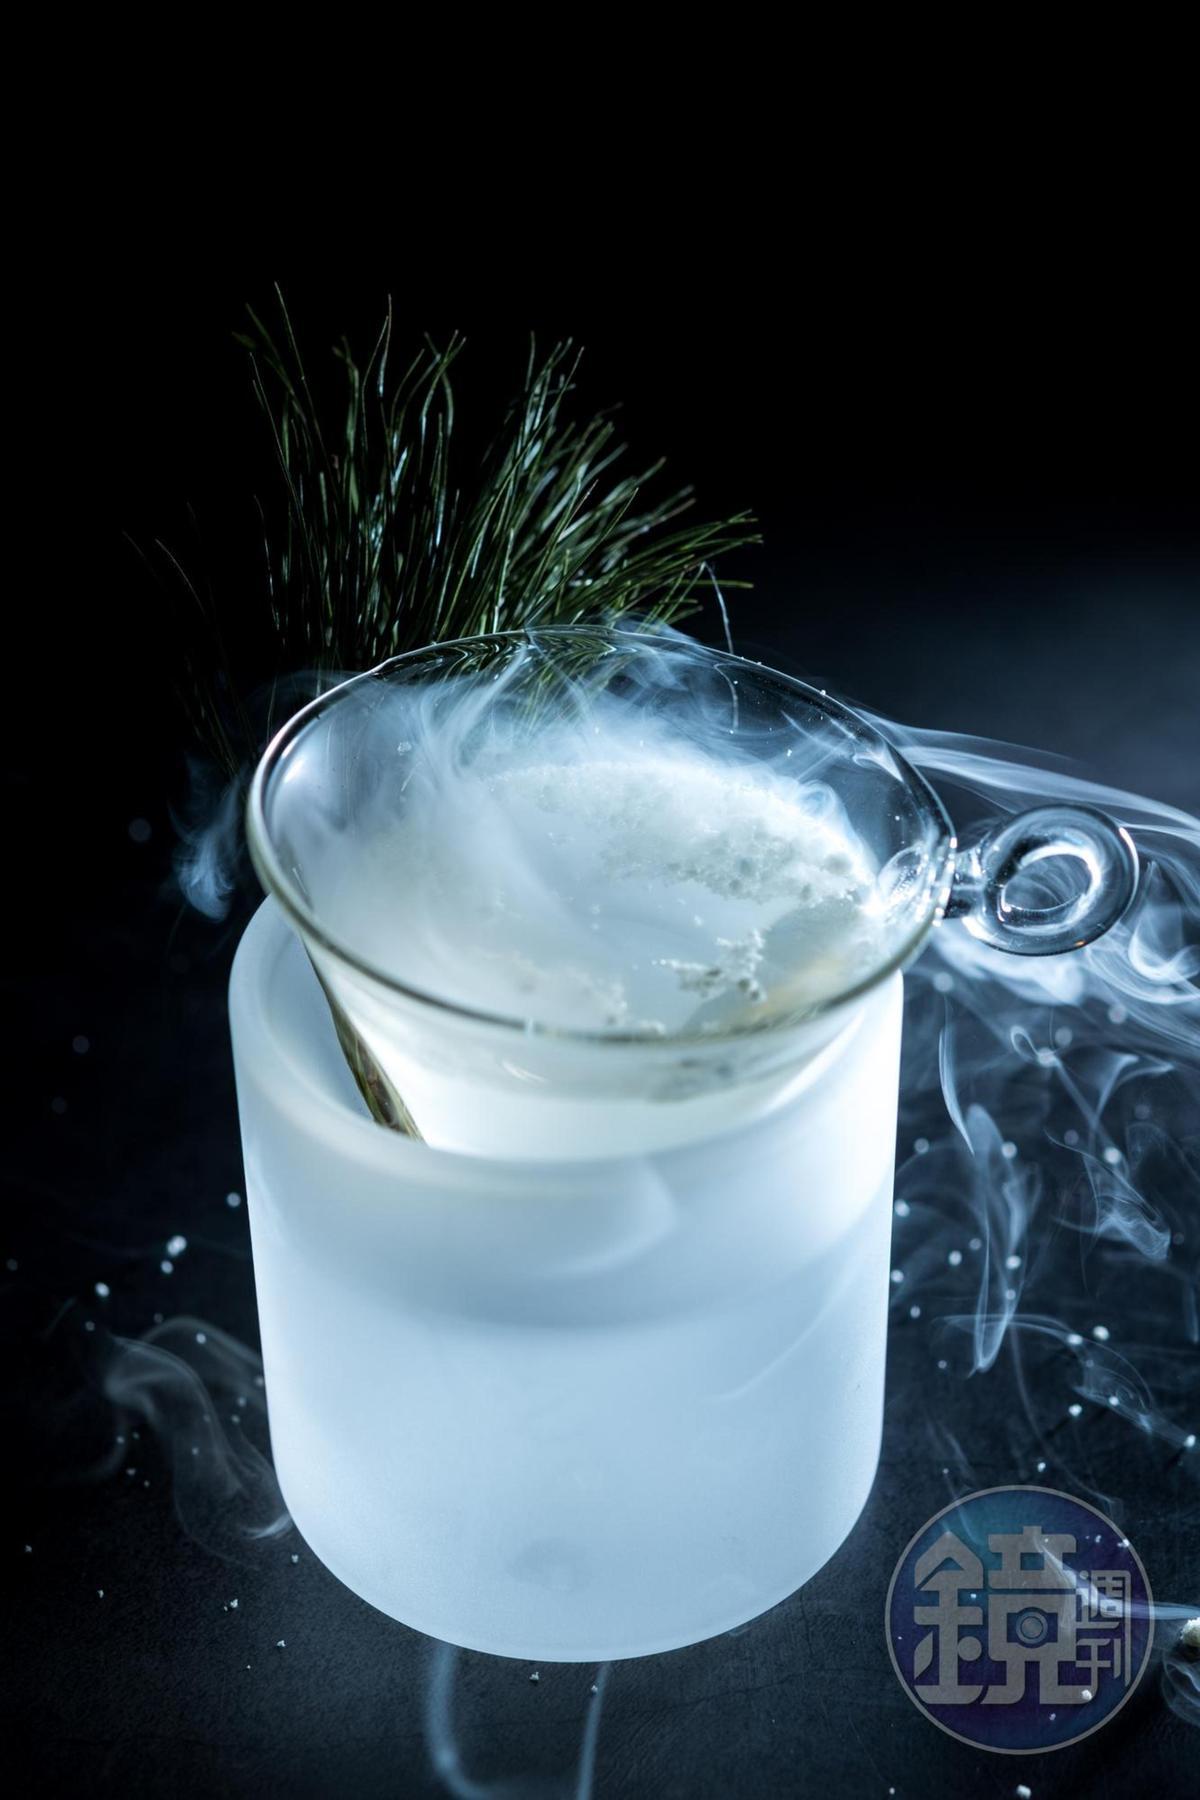 由松針油萃取而成的粉末,撒入蒔蘿、迷迭香和綜合香草的「Nordic」,營造北歐冬天的冷冽感。(600元/份)